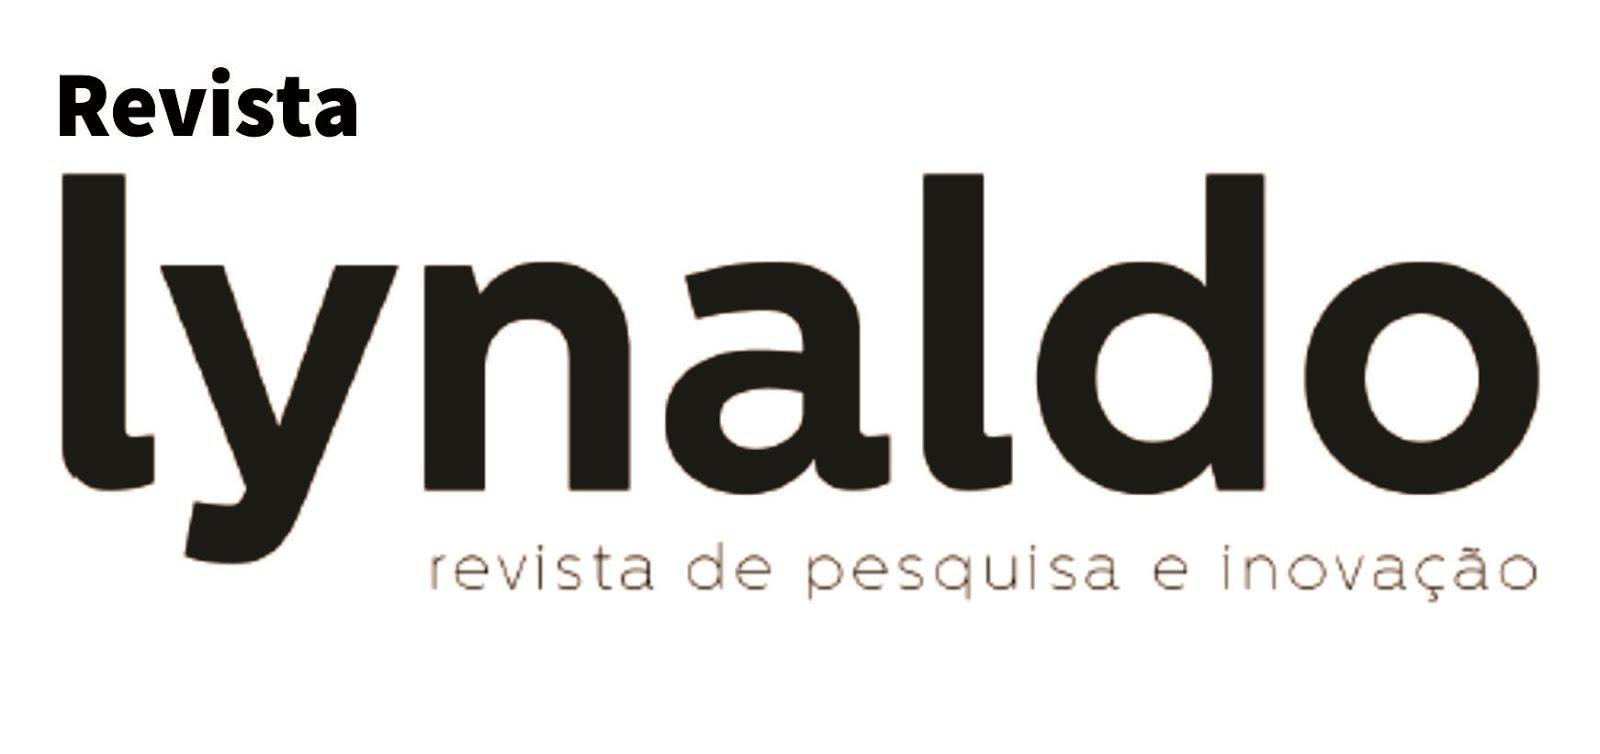 Revista Lynaldo